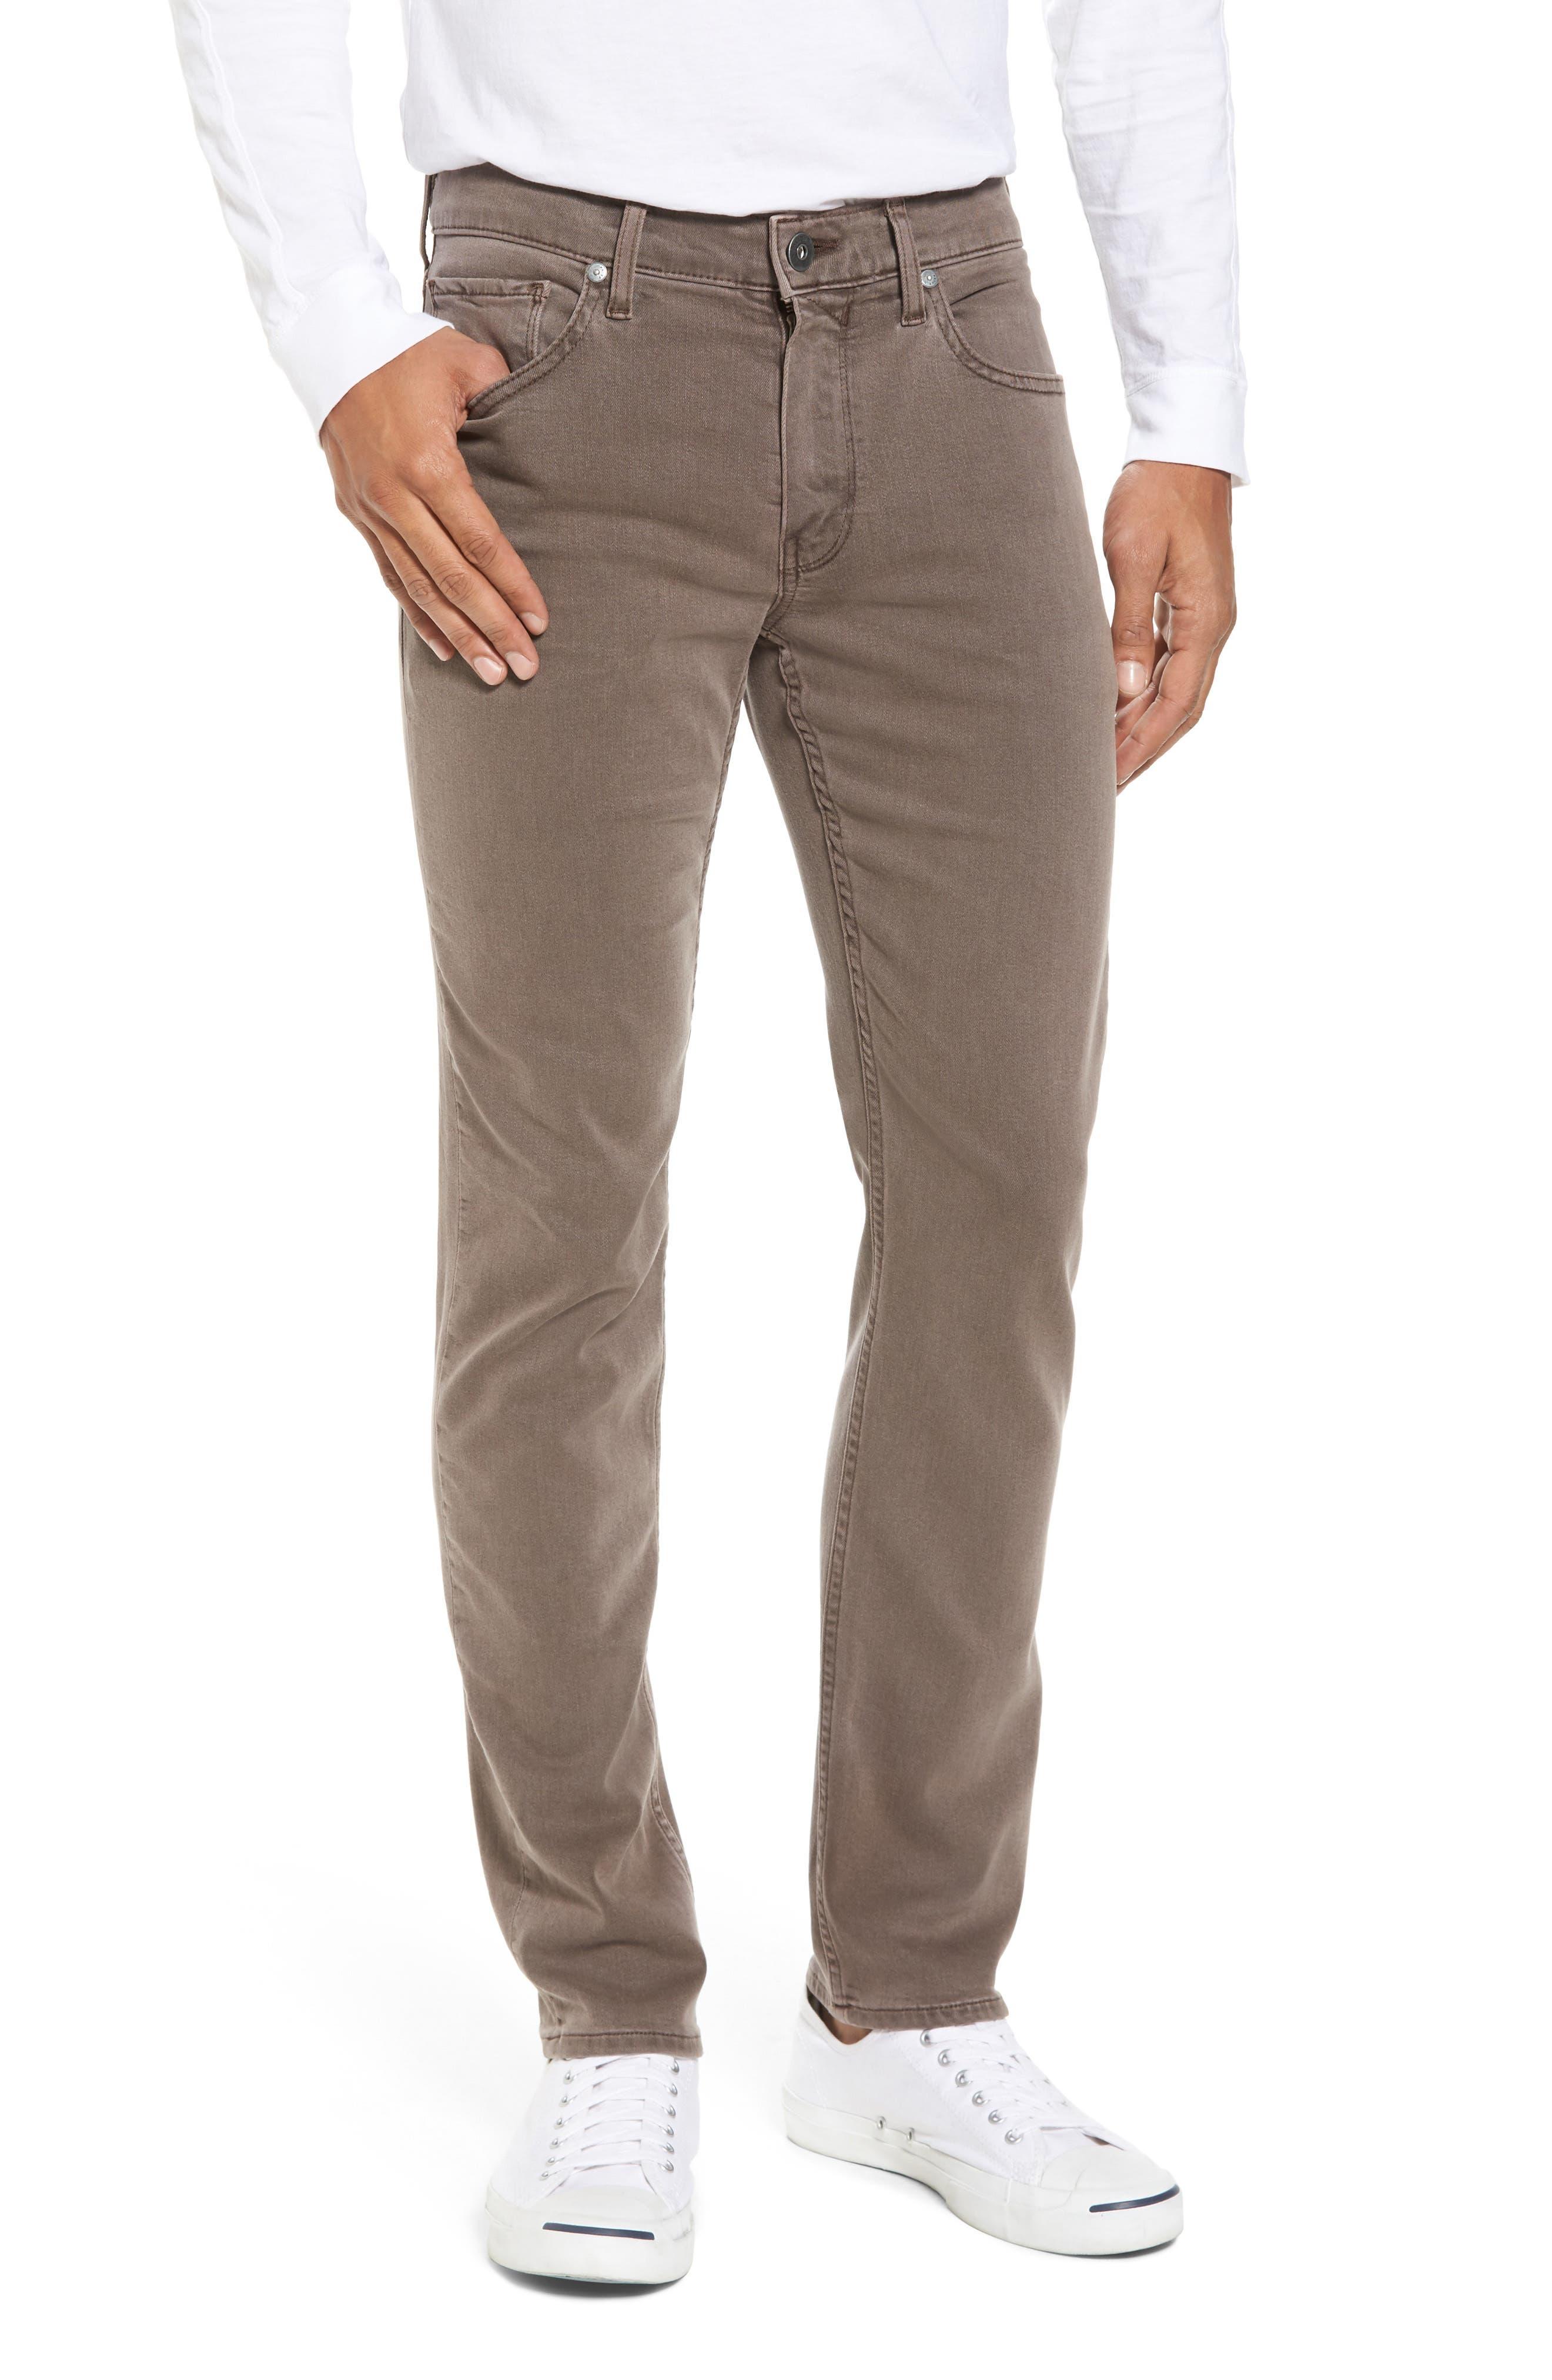 Transcend - Lennox Slim Fit Jeans,                             Main thumbnail 1, color,                             VINTAGE SAND BAR